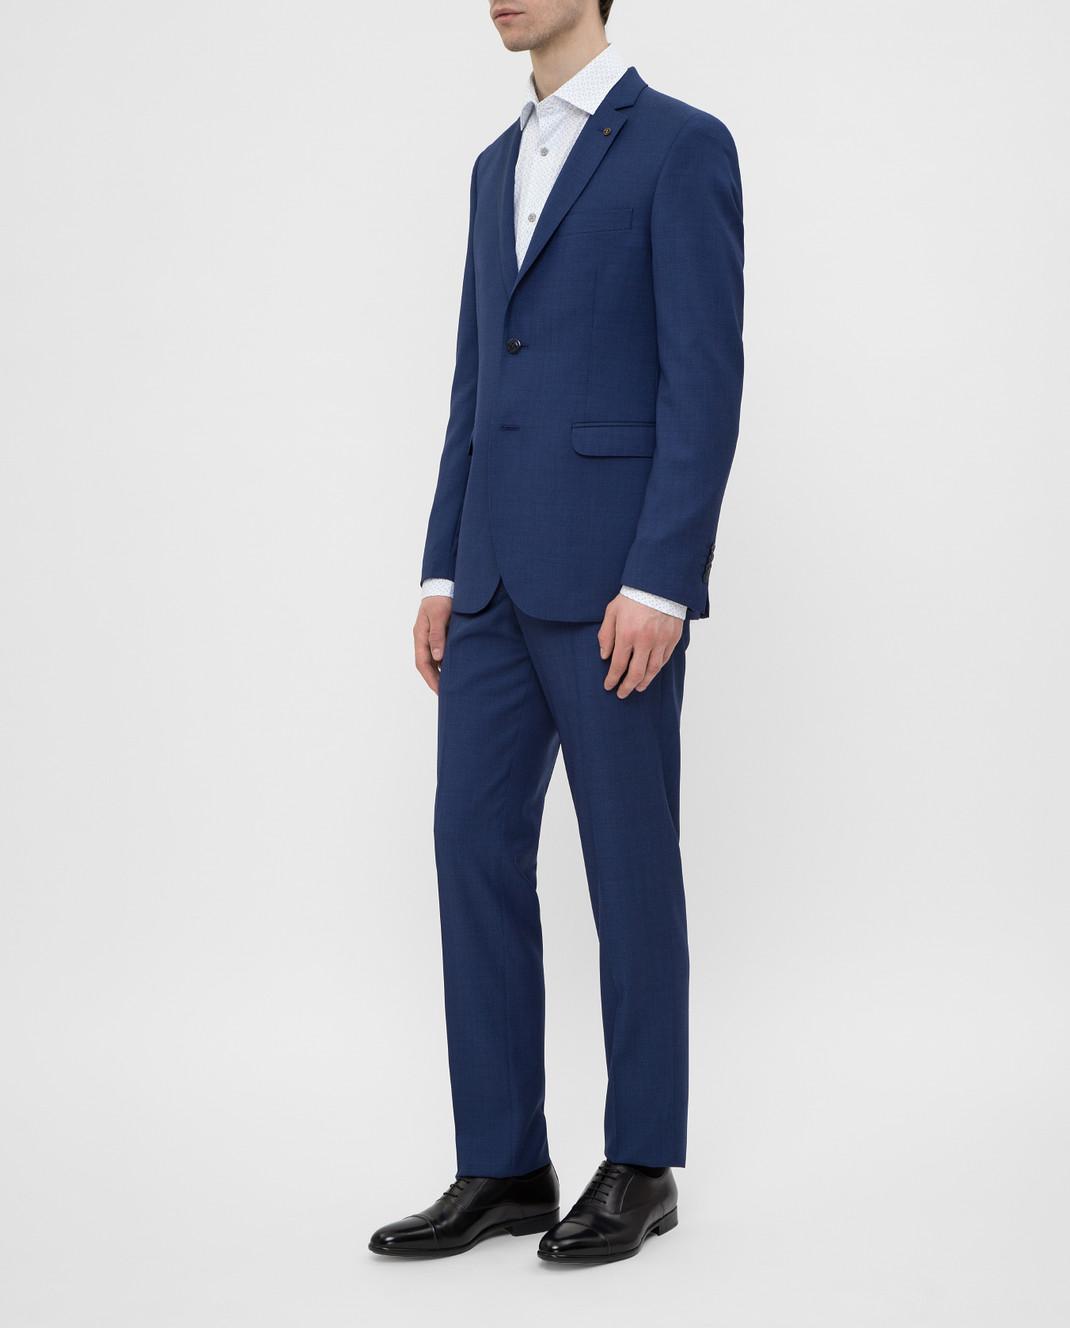 Florentino Синий костюм из шерсти изображение 3